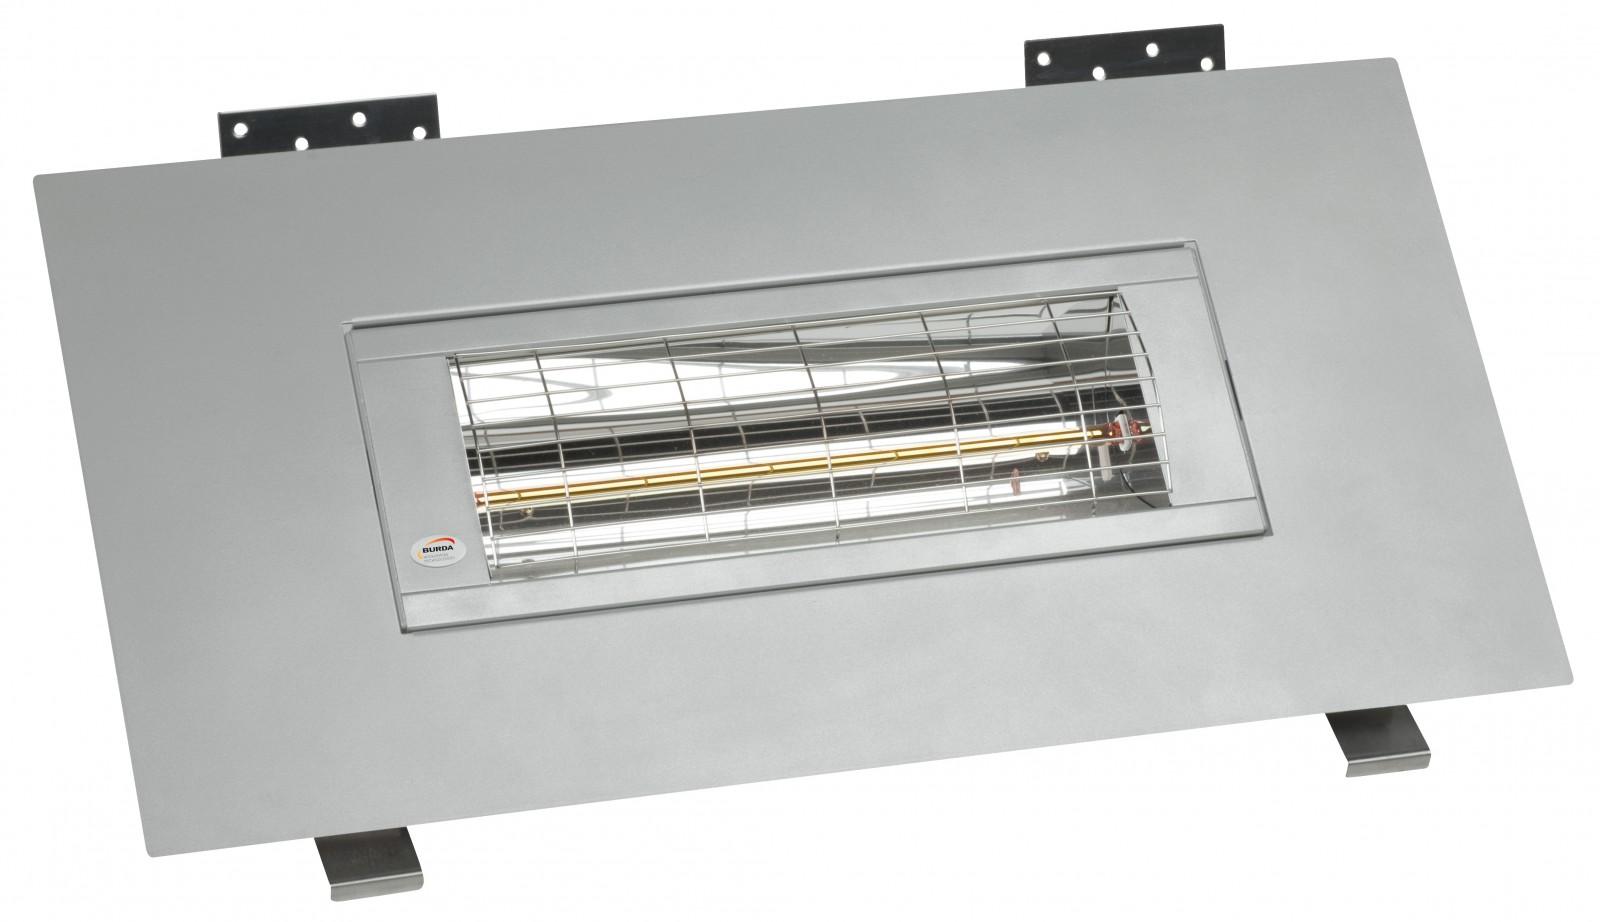 infrarot einbau heizstrahler burda smart frame 2000 watt w rmeleistung ip20 verschiedene farben. Black Bedroom Furniture Sets. Home Design Ideas